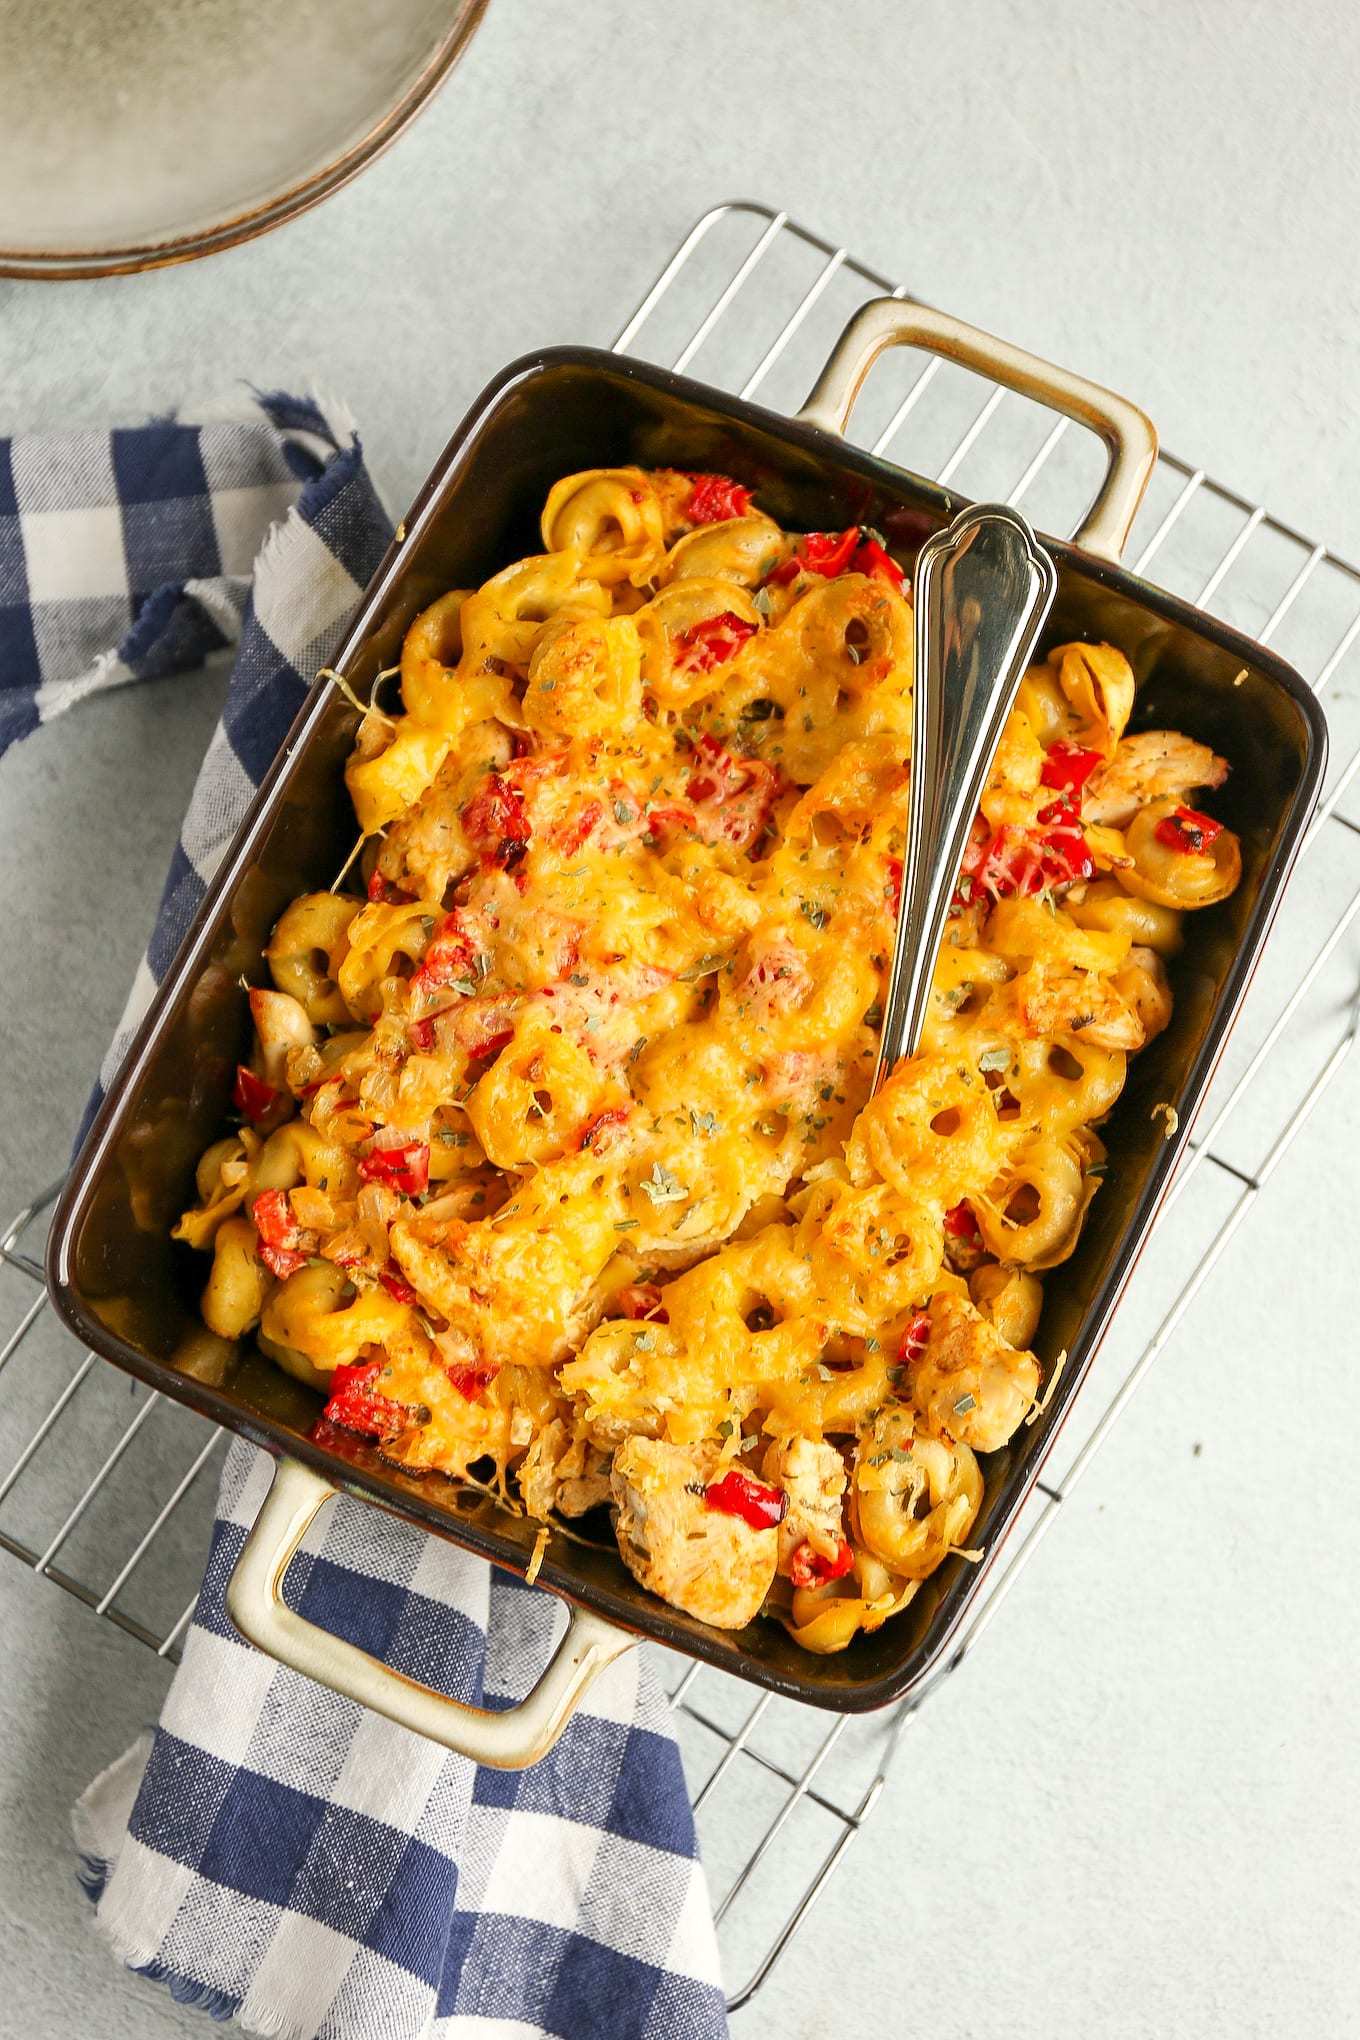 tortellini ovenschotel met kip